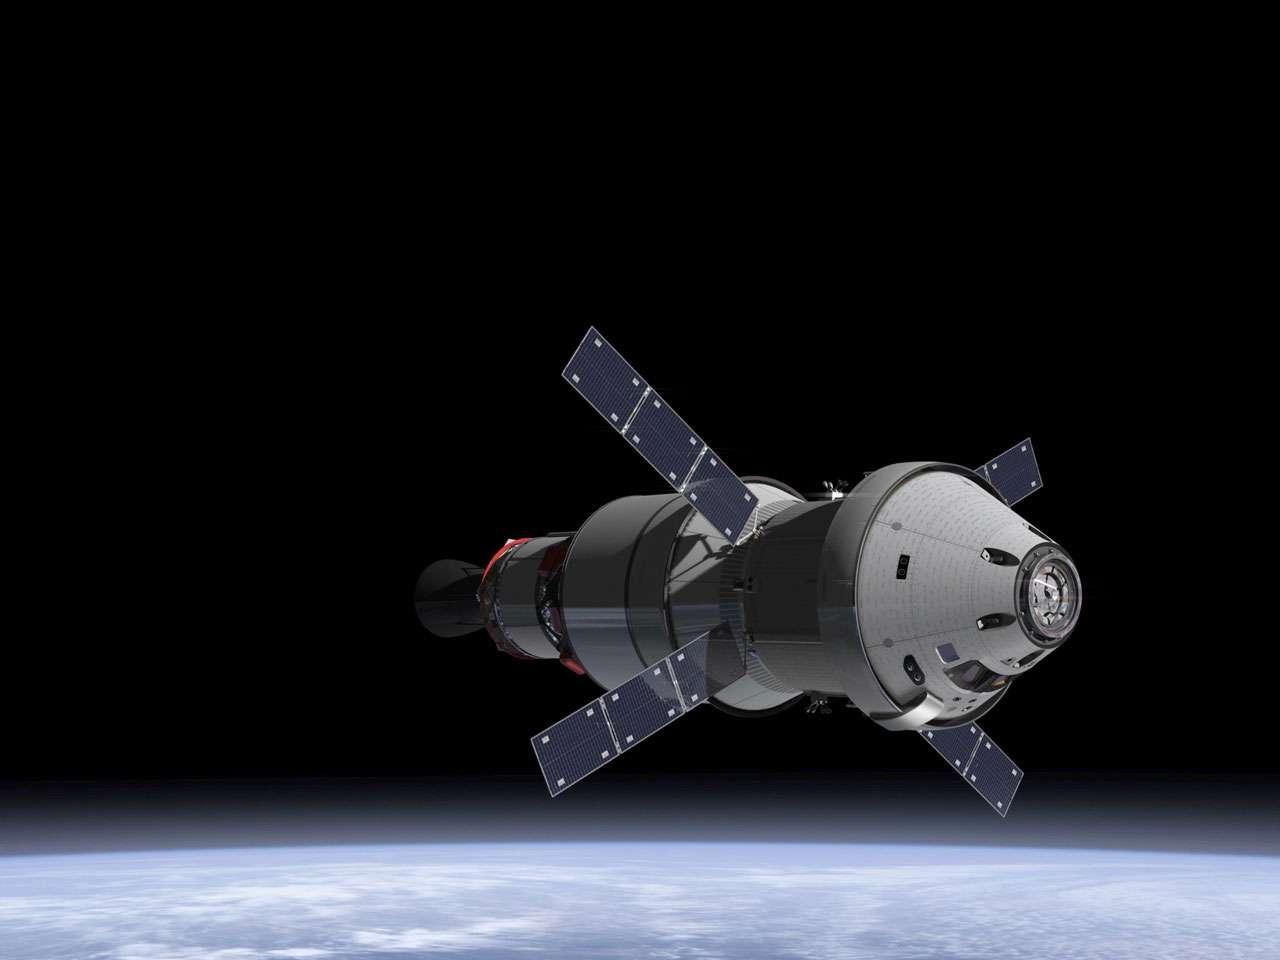 Orion, le véhicule d'exploration de la Nasa. Après un premier vol d'essai autour de la Terre, un second vol inhabité autour de la Lune est en préparation et sera réalisé en 2018. © Nasa